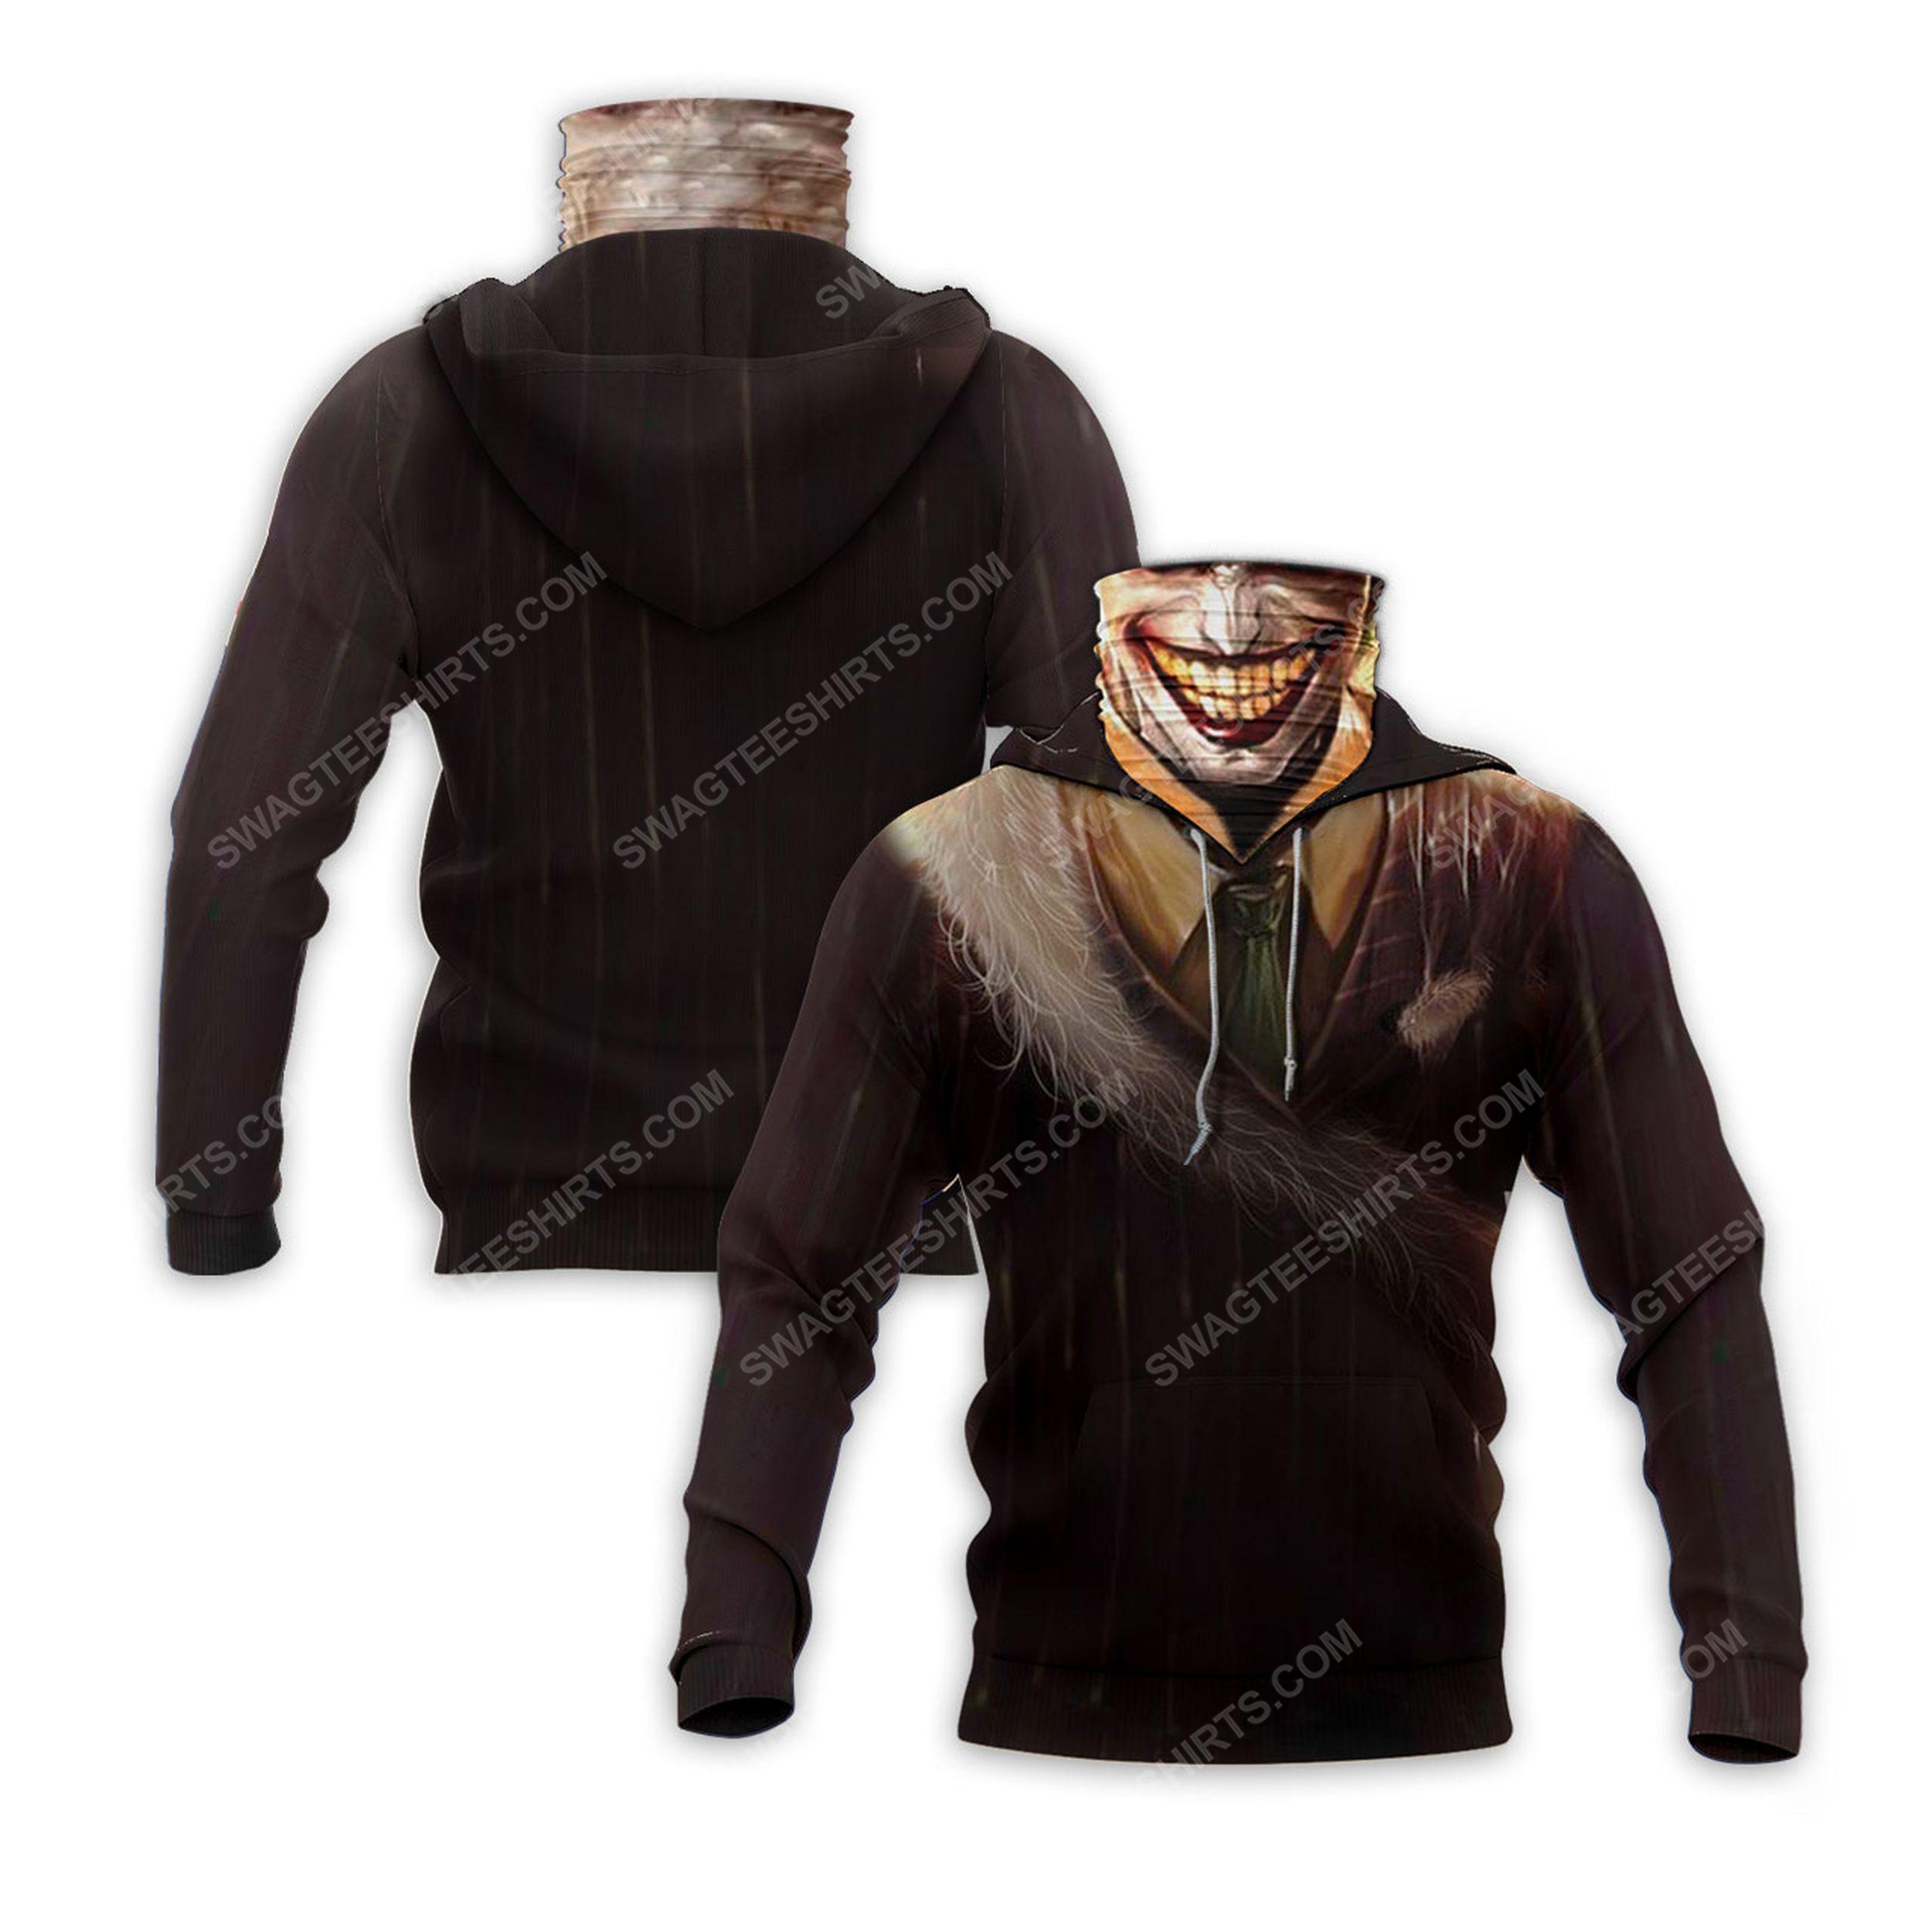 The joker's smile full print mask hoodie 2(1)